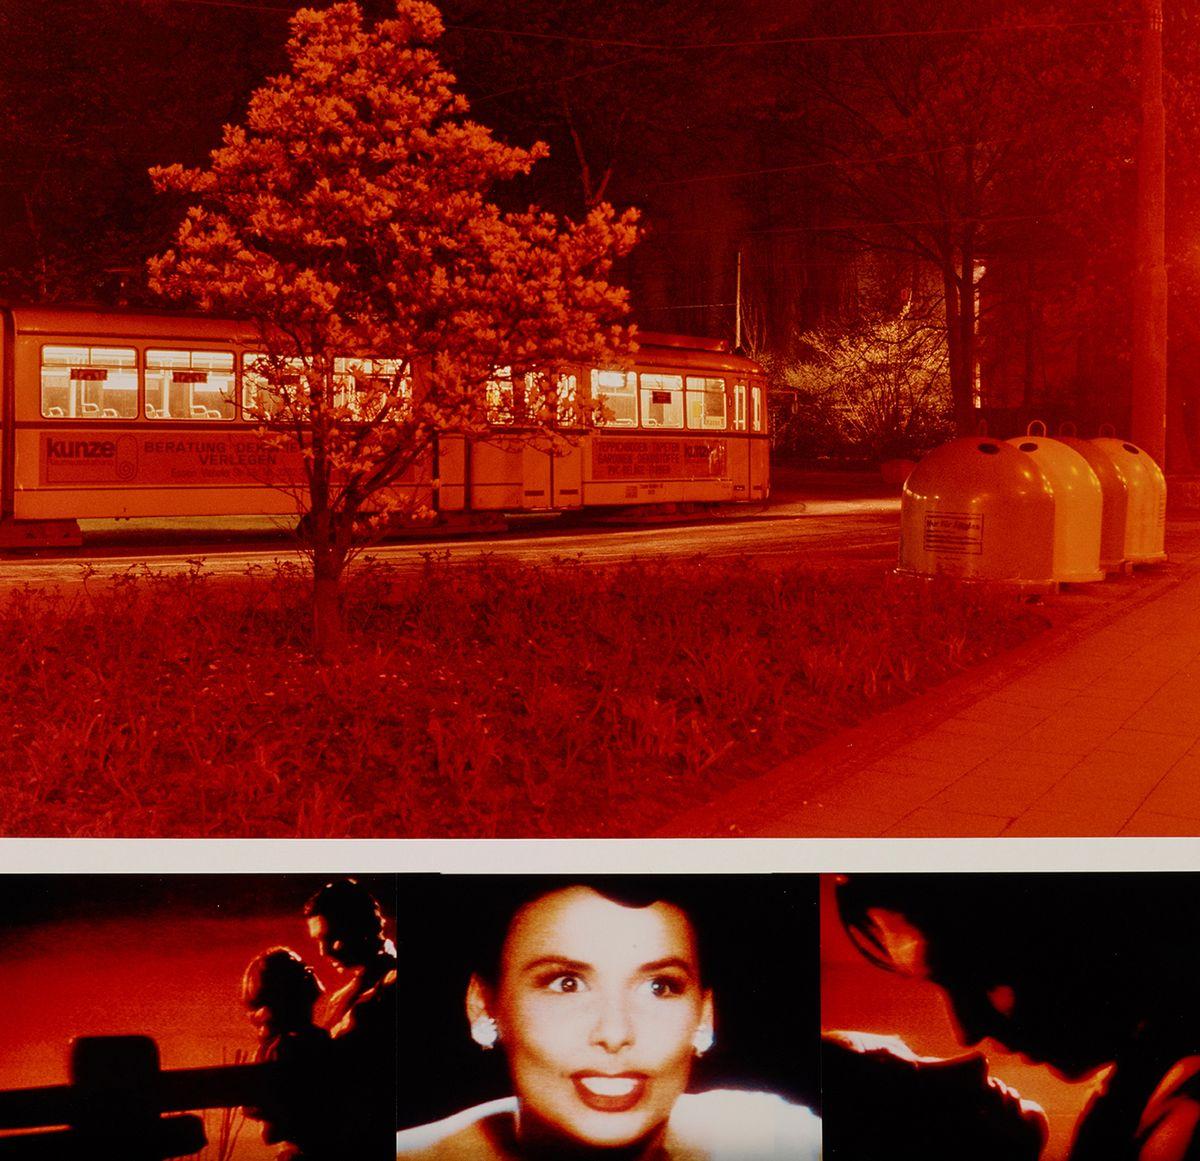 """Andreas Horlitz, aus der Serie """"Essen, Frühling 1981"""", Farbpapier, Museum Folkwang, Essen, © VG Bild-Kunst, Bonn 2020"""